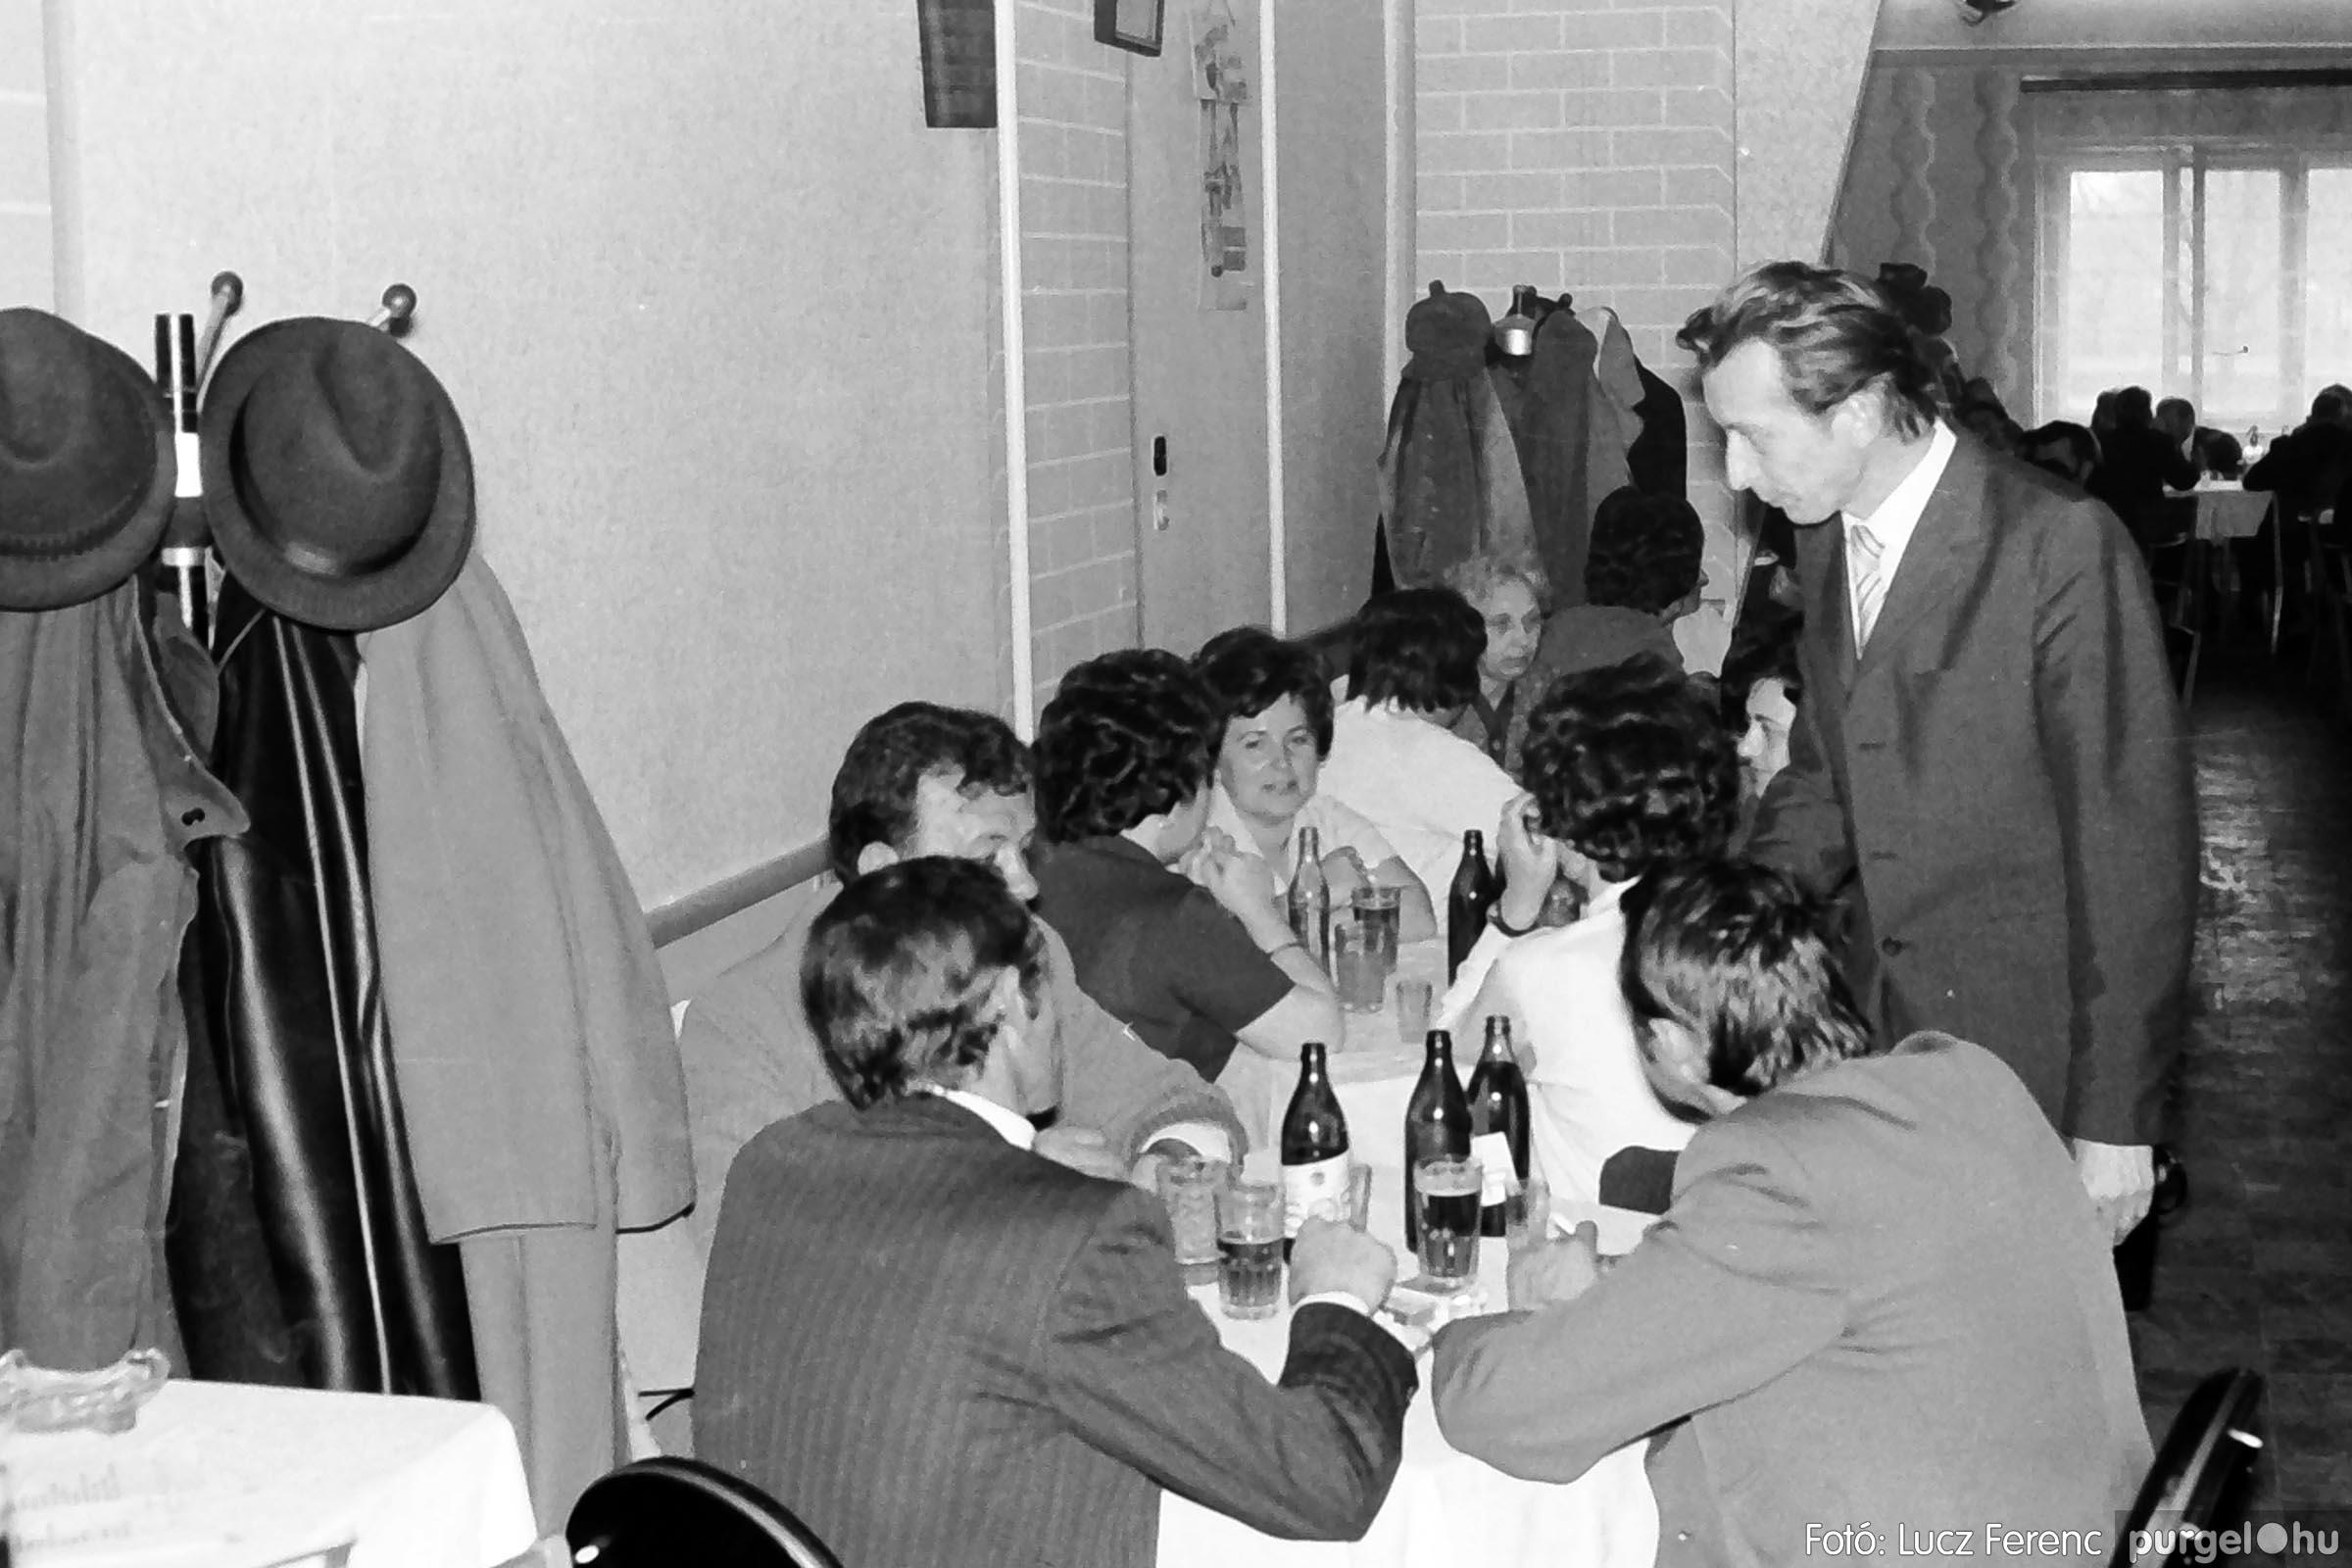 009 1975.04.04. Április 4-i ünnepség utáni fogadás a vendéglőben 005 - Fotó: Lucz Ferenc IMG00176q.jpg